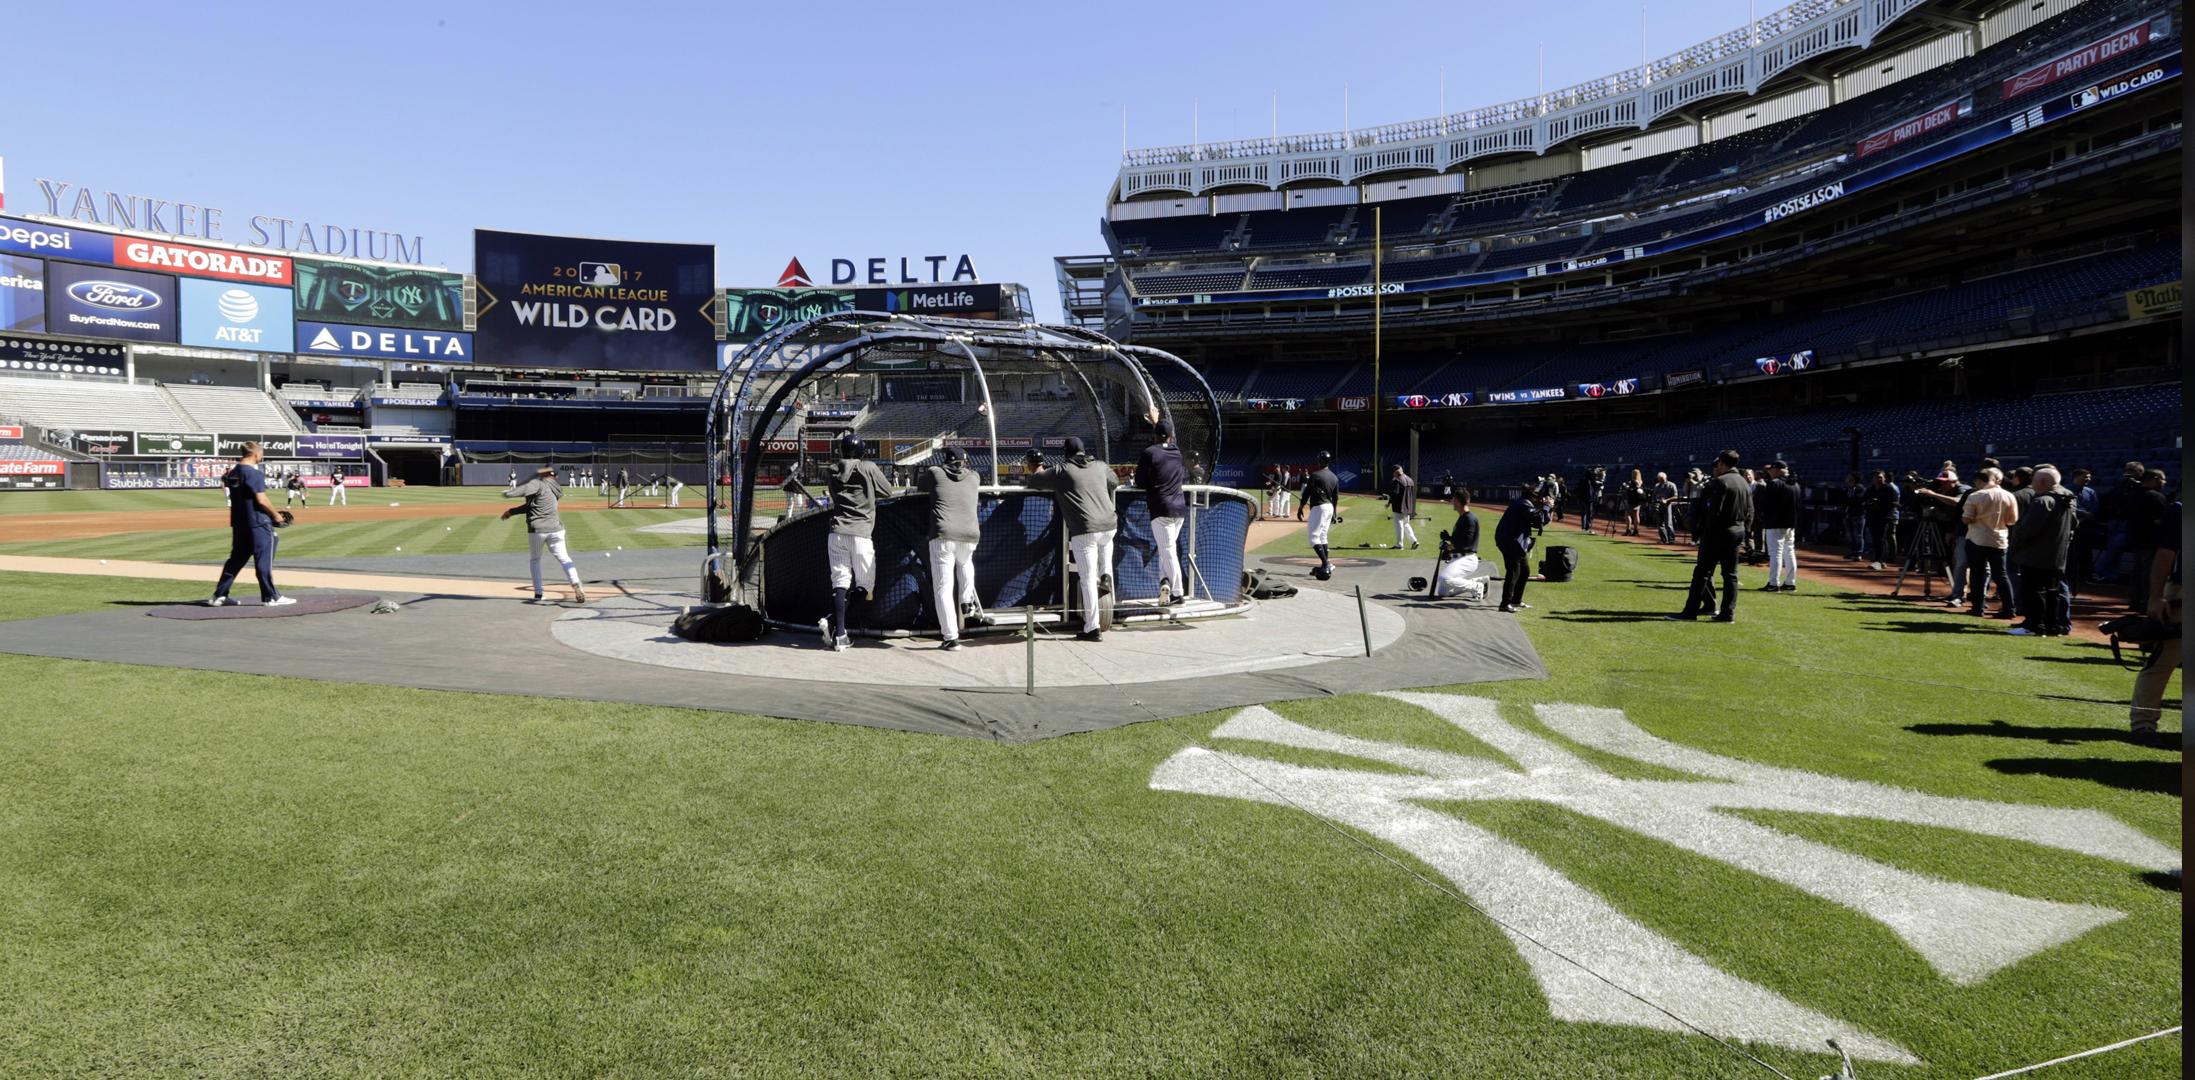 Yankeesstadium2